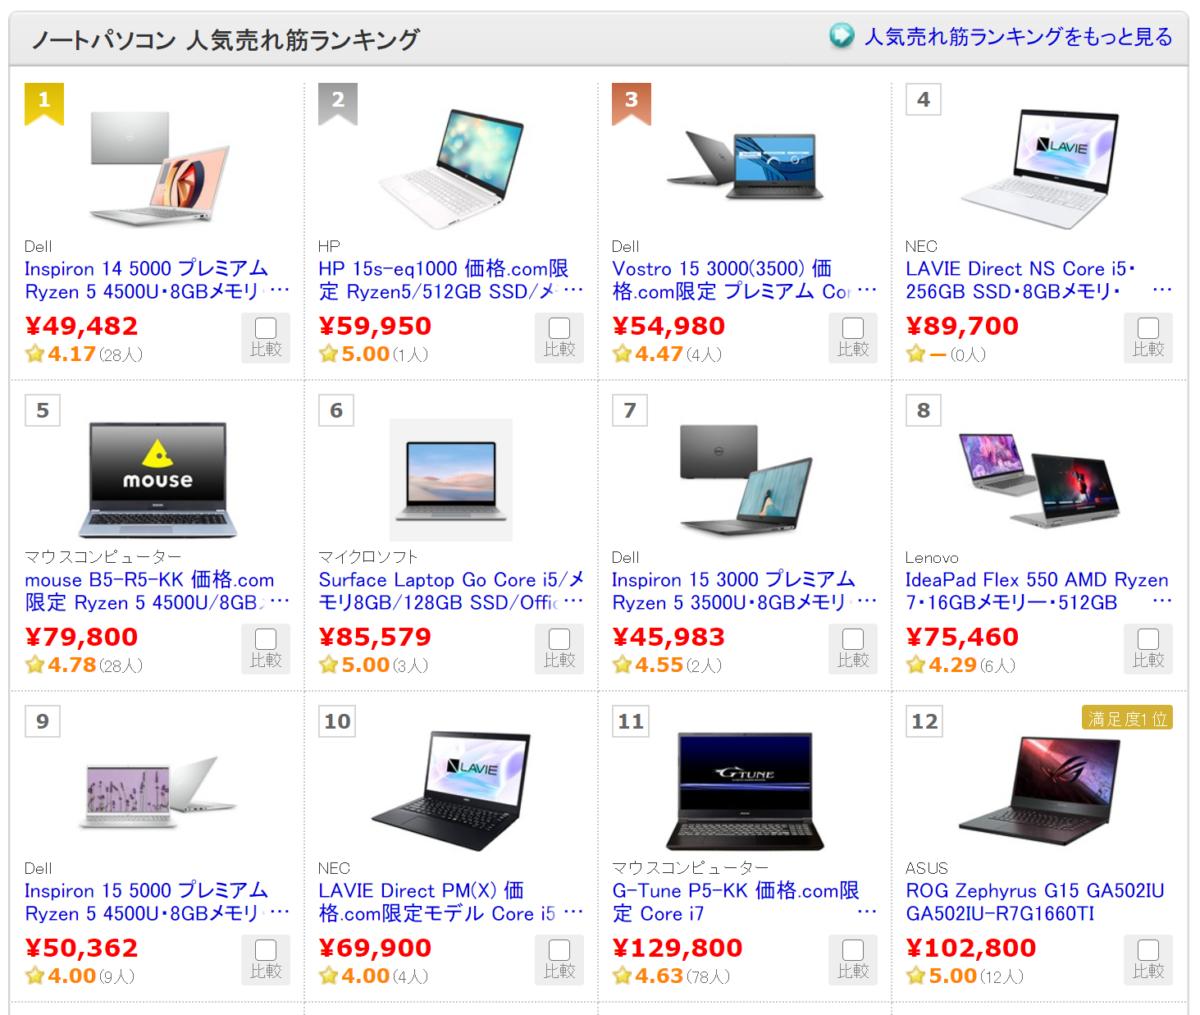 いまだに家電量販店でパソコンを買おうとしている人がいた